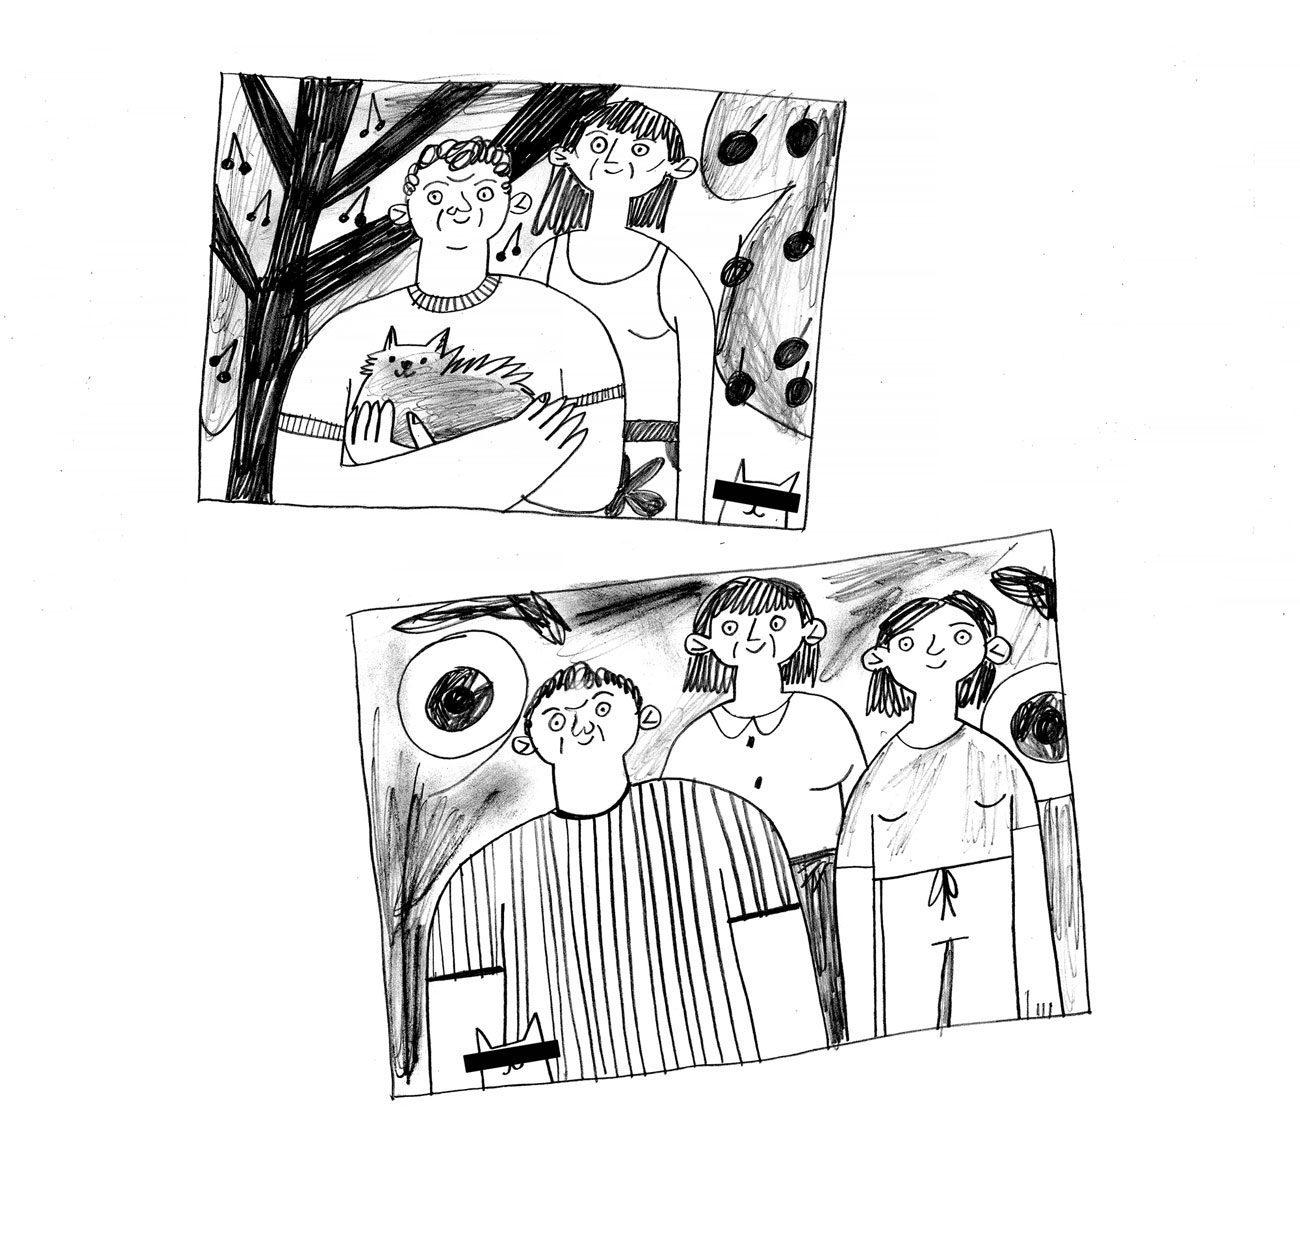 comics oliynik 03 2 - <b>Вам дісталася сумна дитина.</b> Комікс Жені Олійник про те, як депресія впливає на стосунки - Заборона